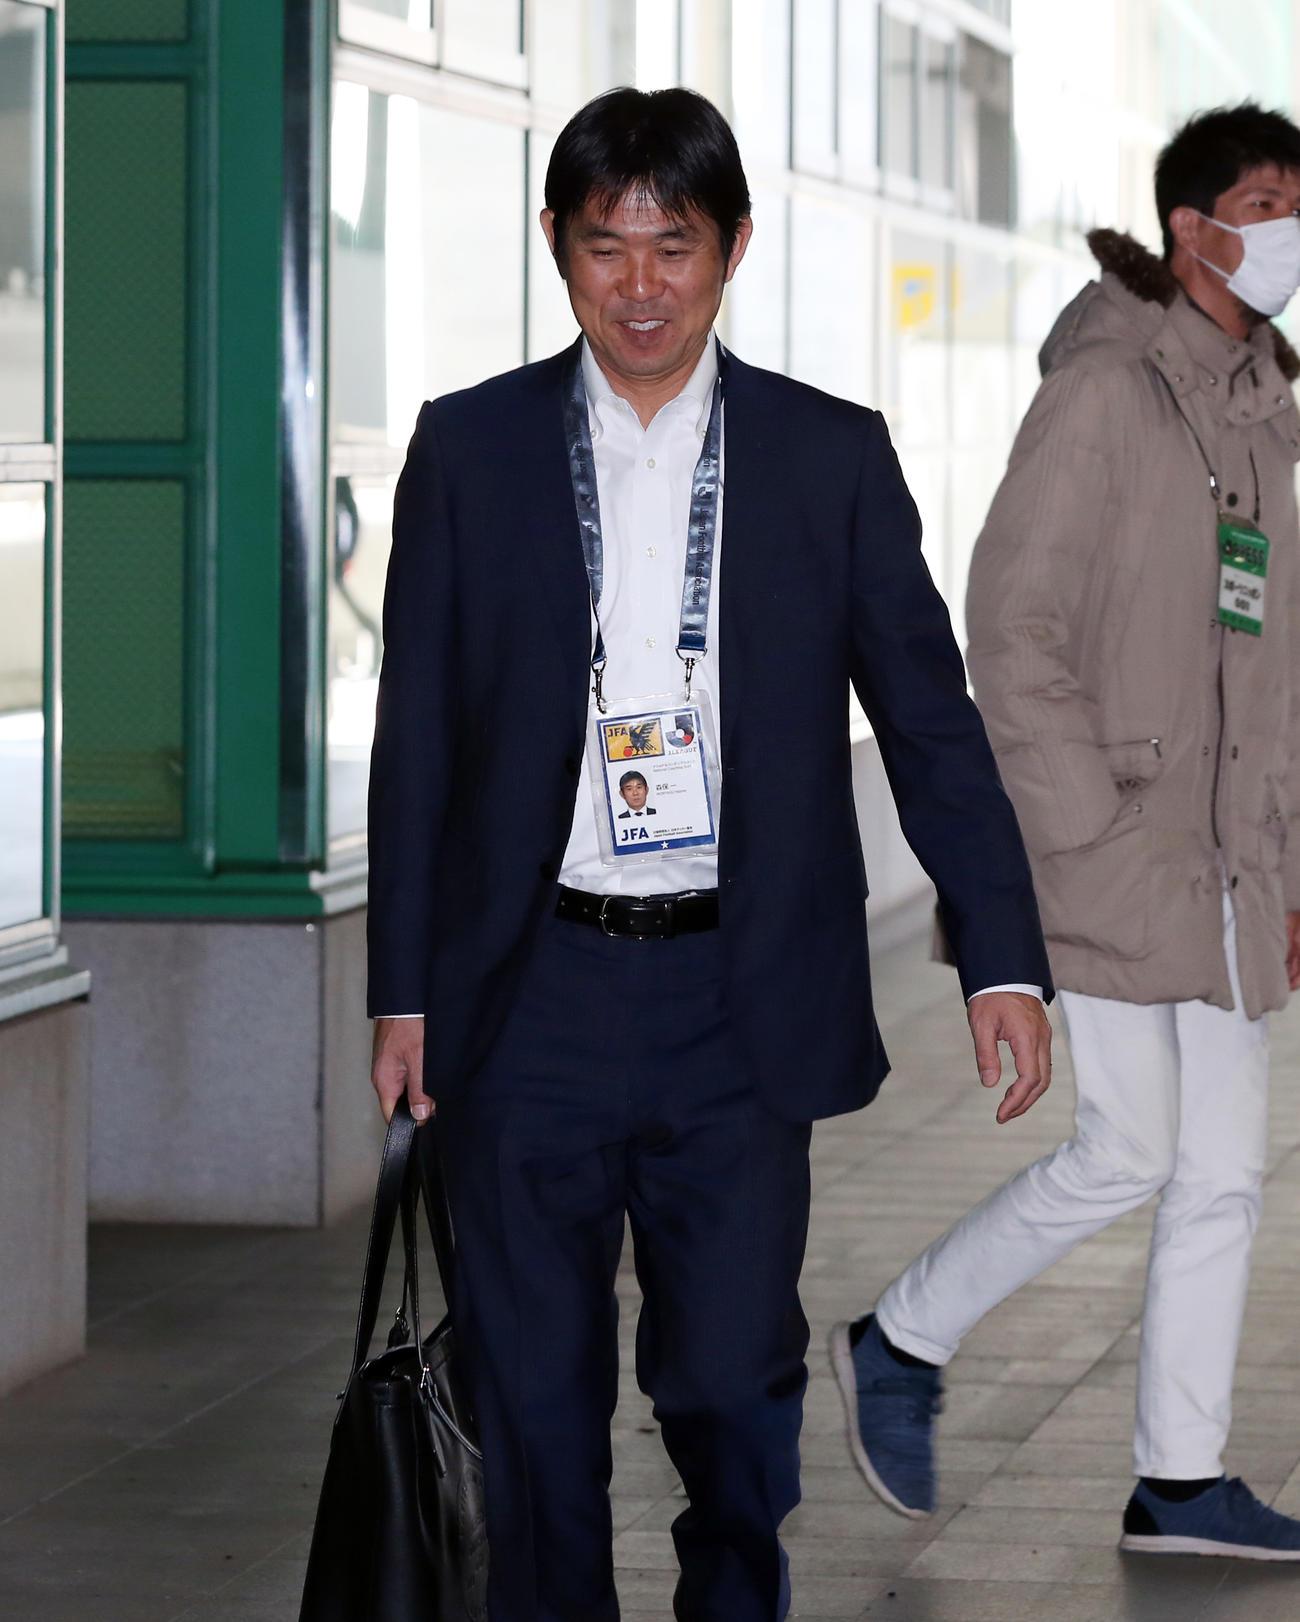 横浜対G大阪 視察に訪れた日本代表森保監督(撮影・浅見桂子)